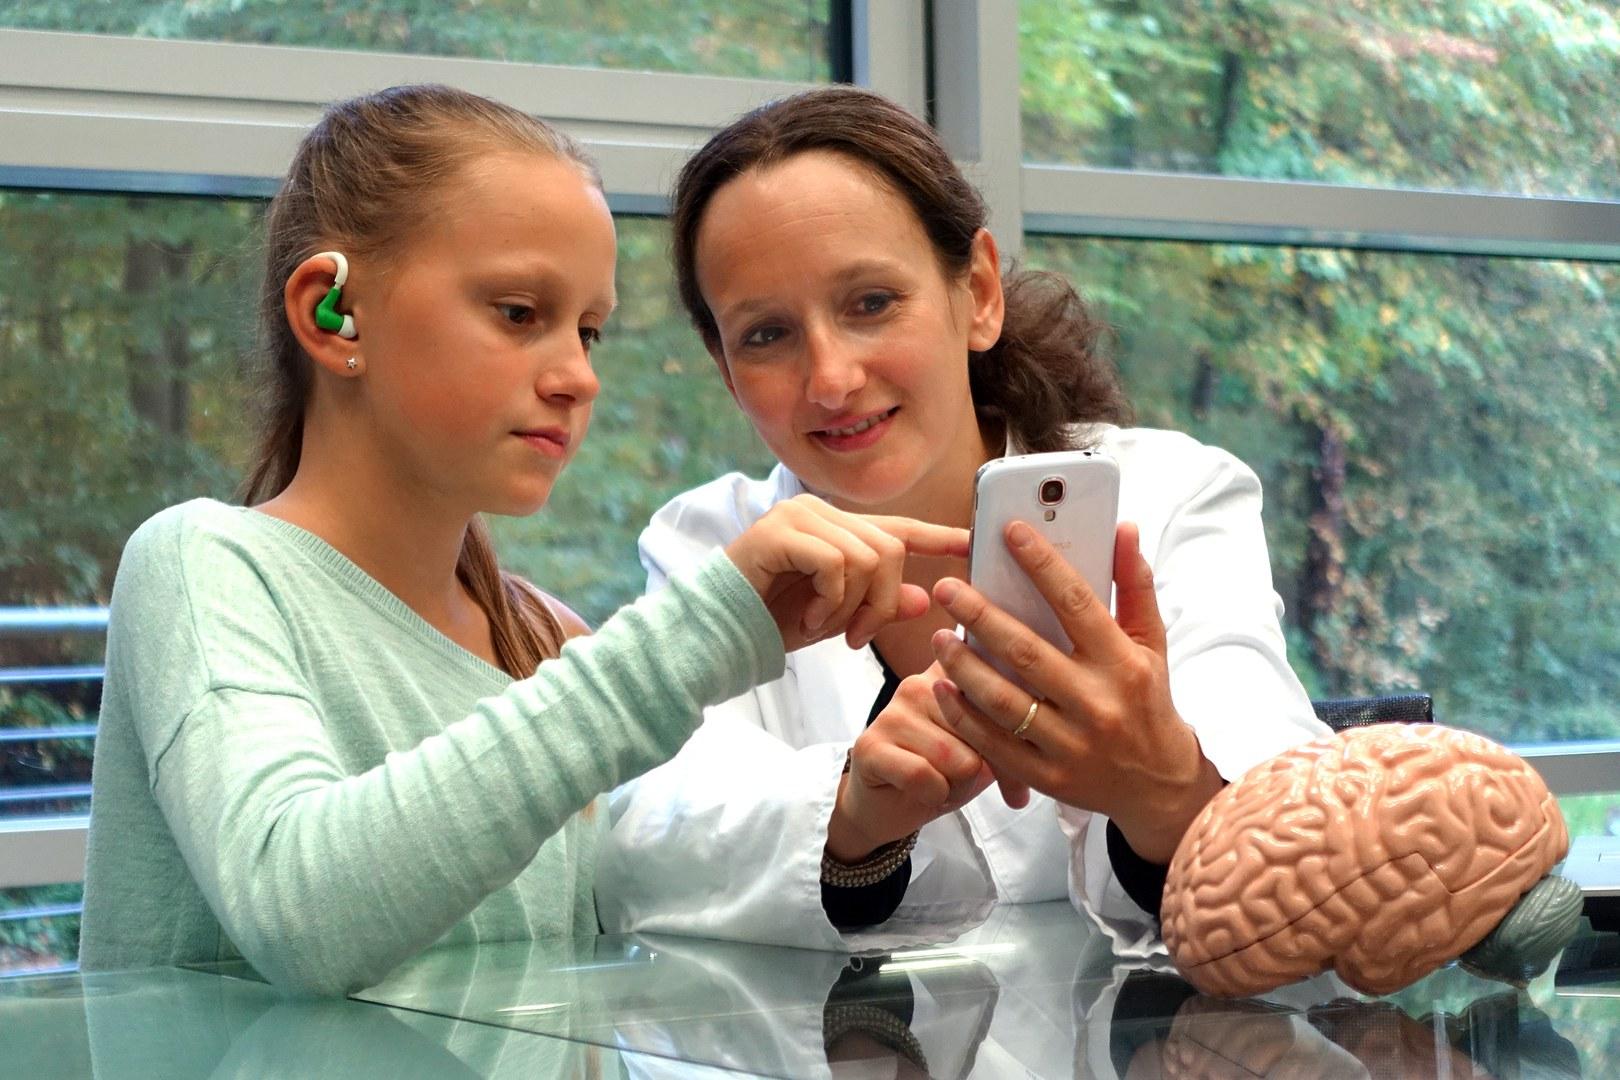 Das Minisensorsystem im zukünftigen Einsatz: